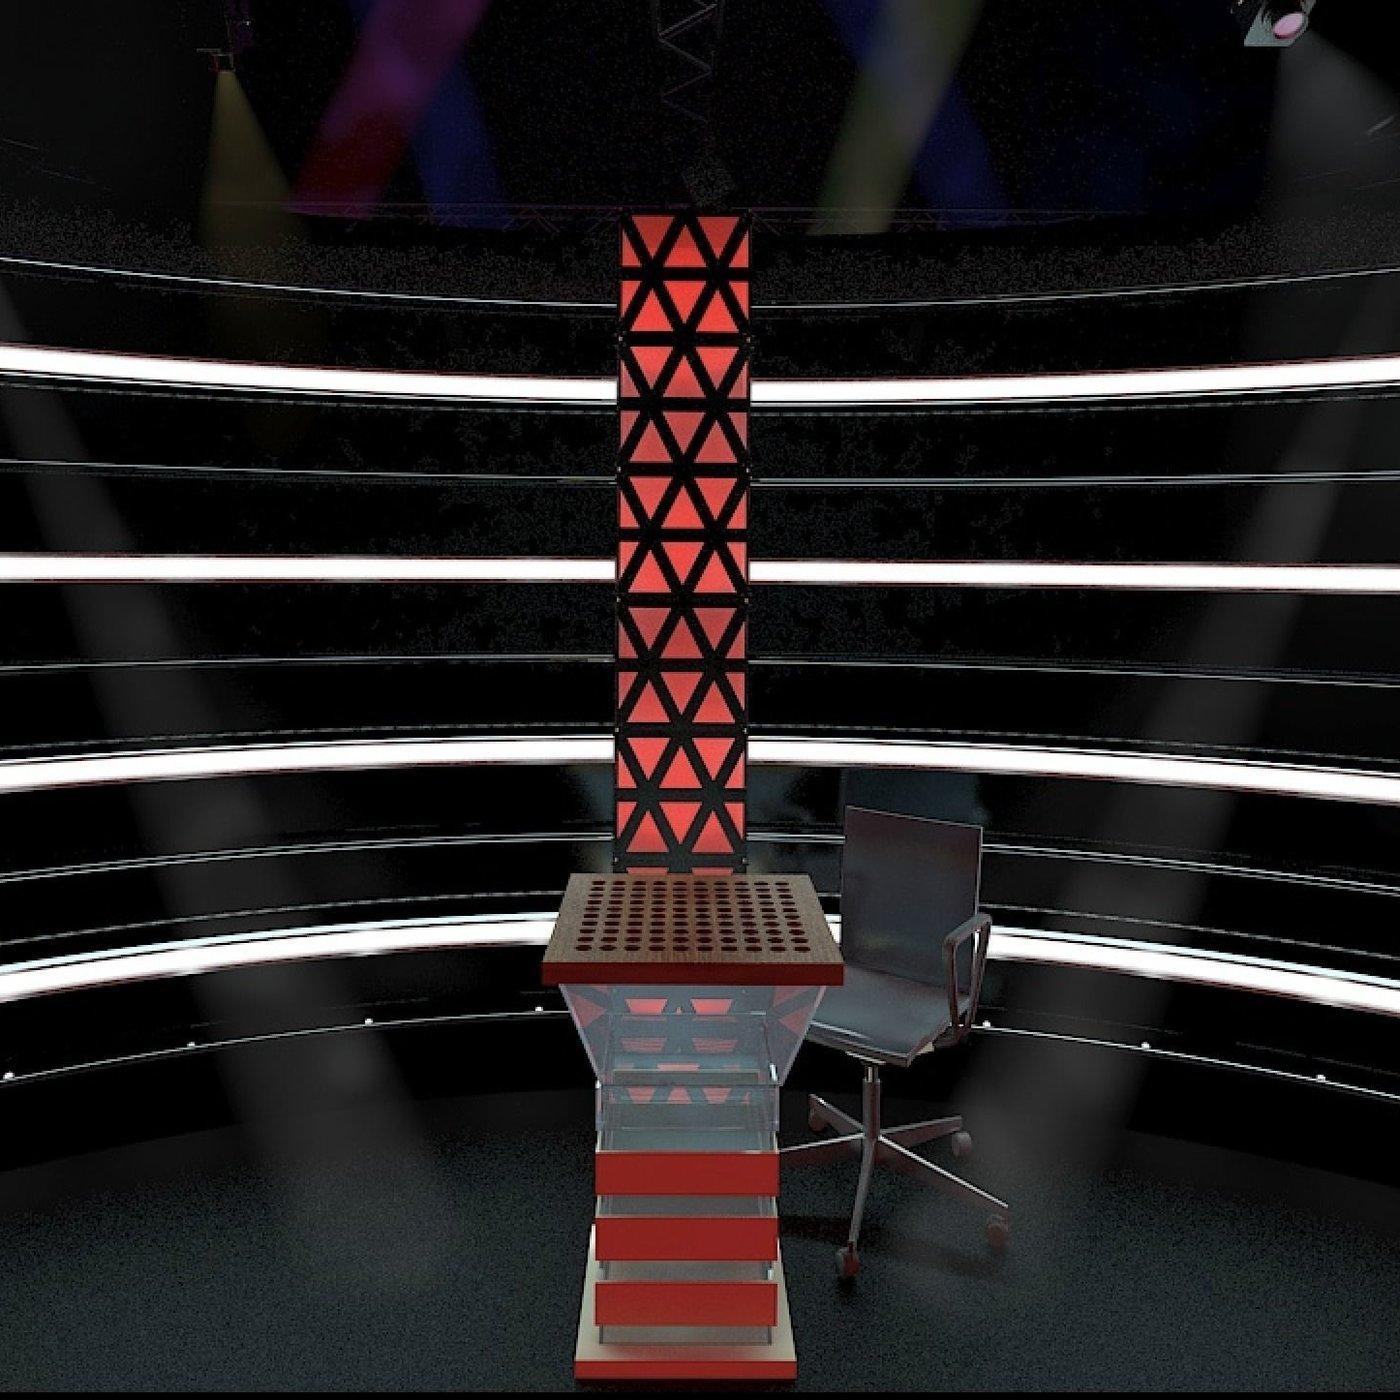 Virtual TV Studio Set